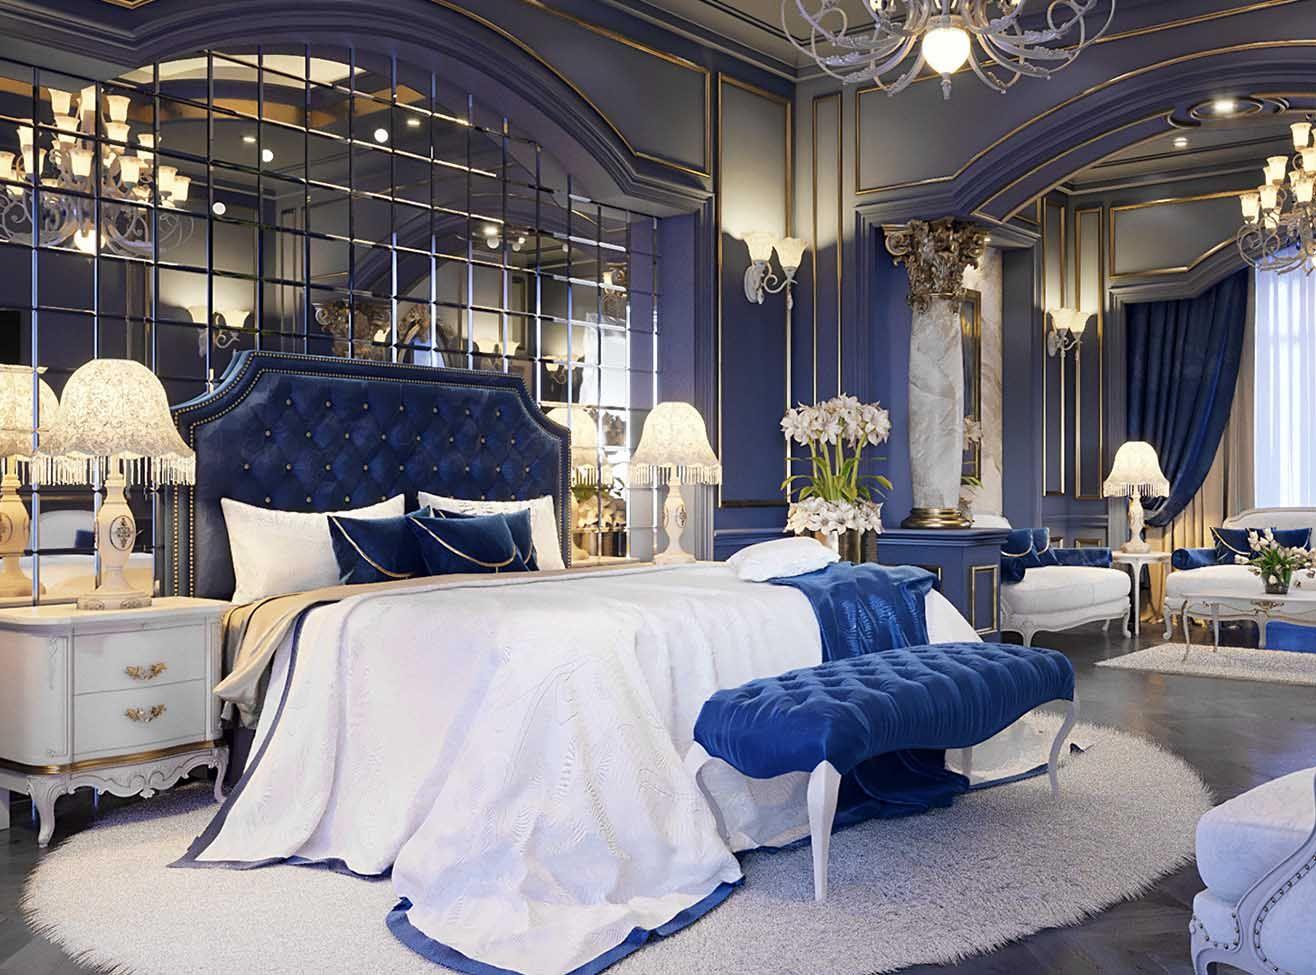 Stunning Navy Blue Luxury bedroom decor with blue velvet ...